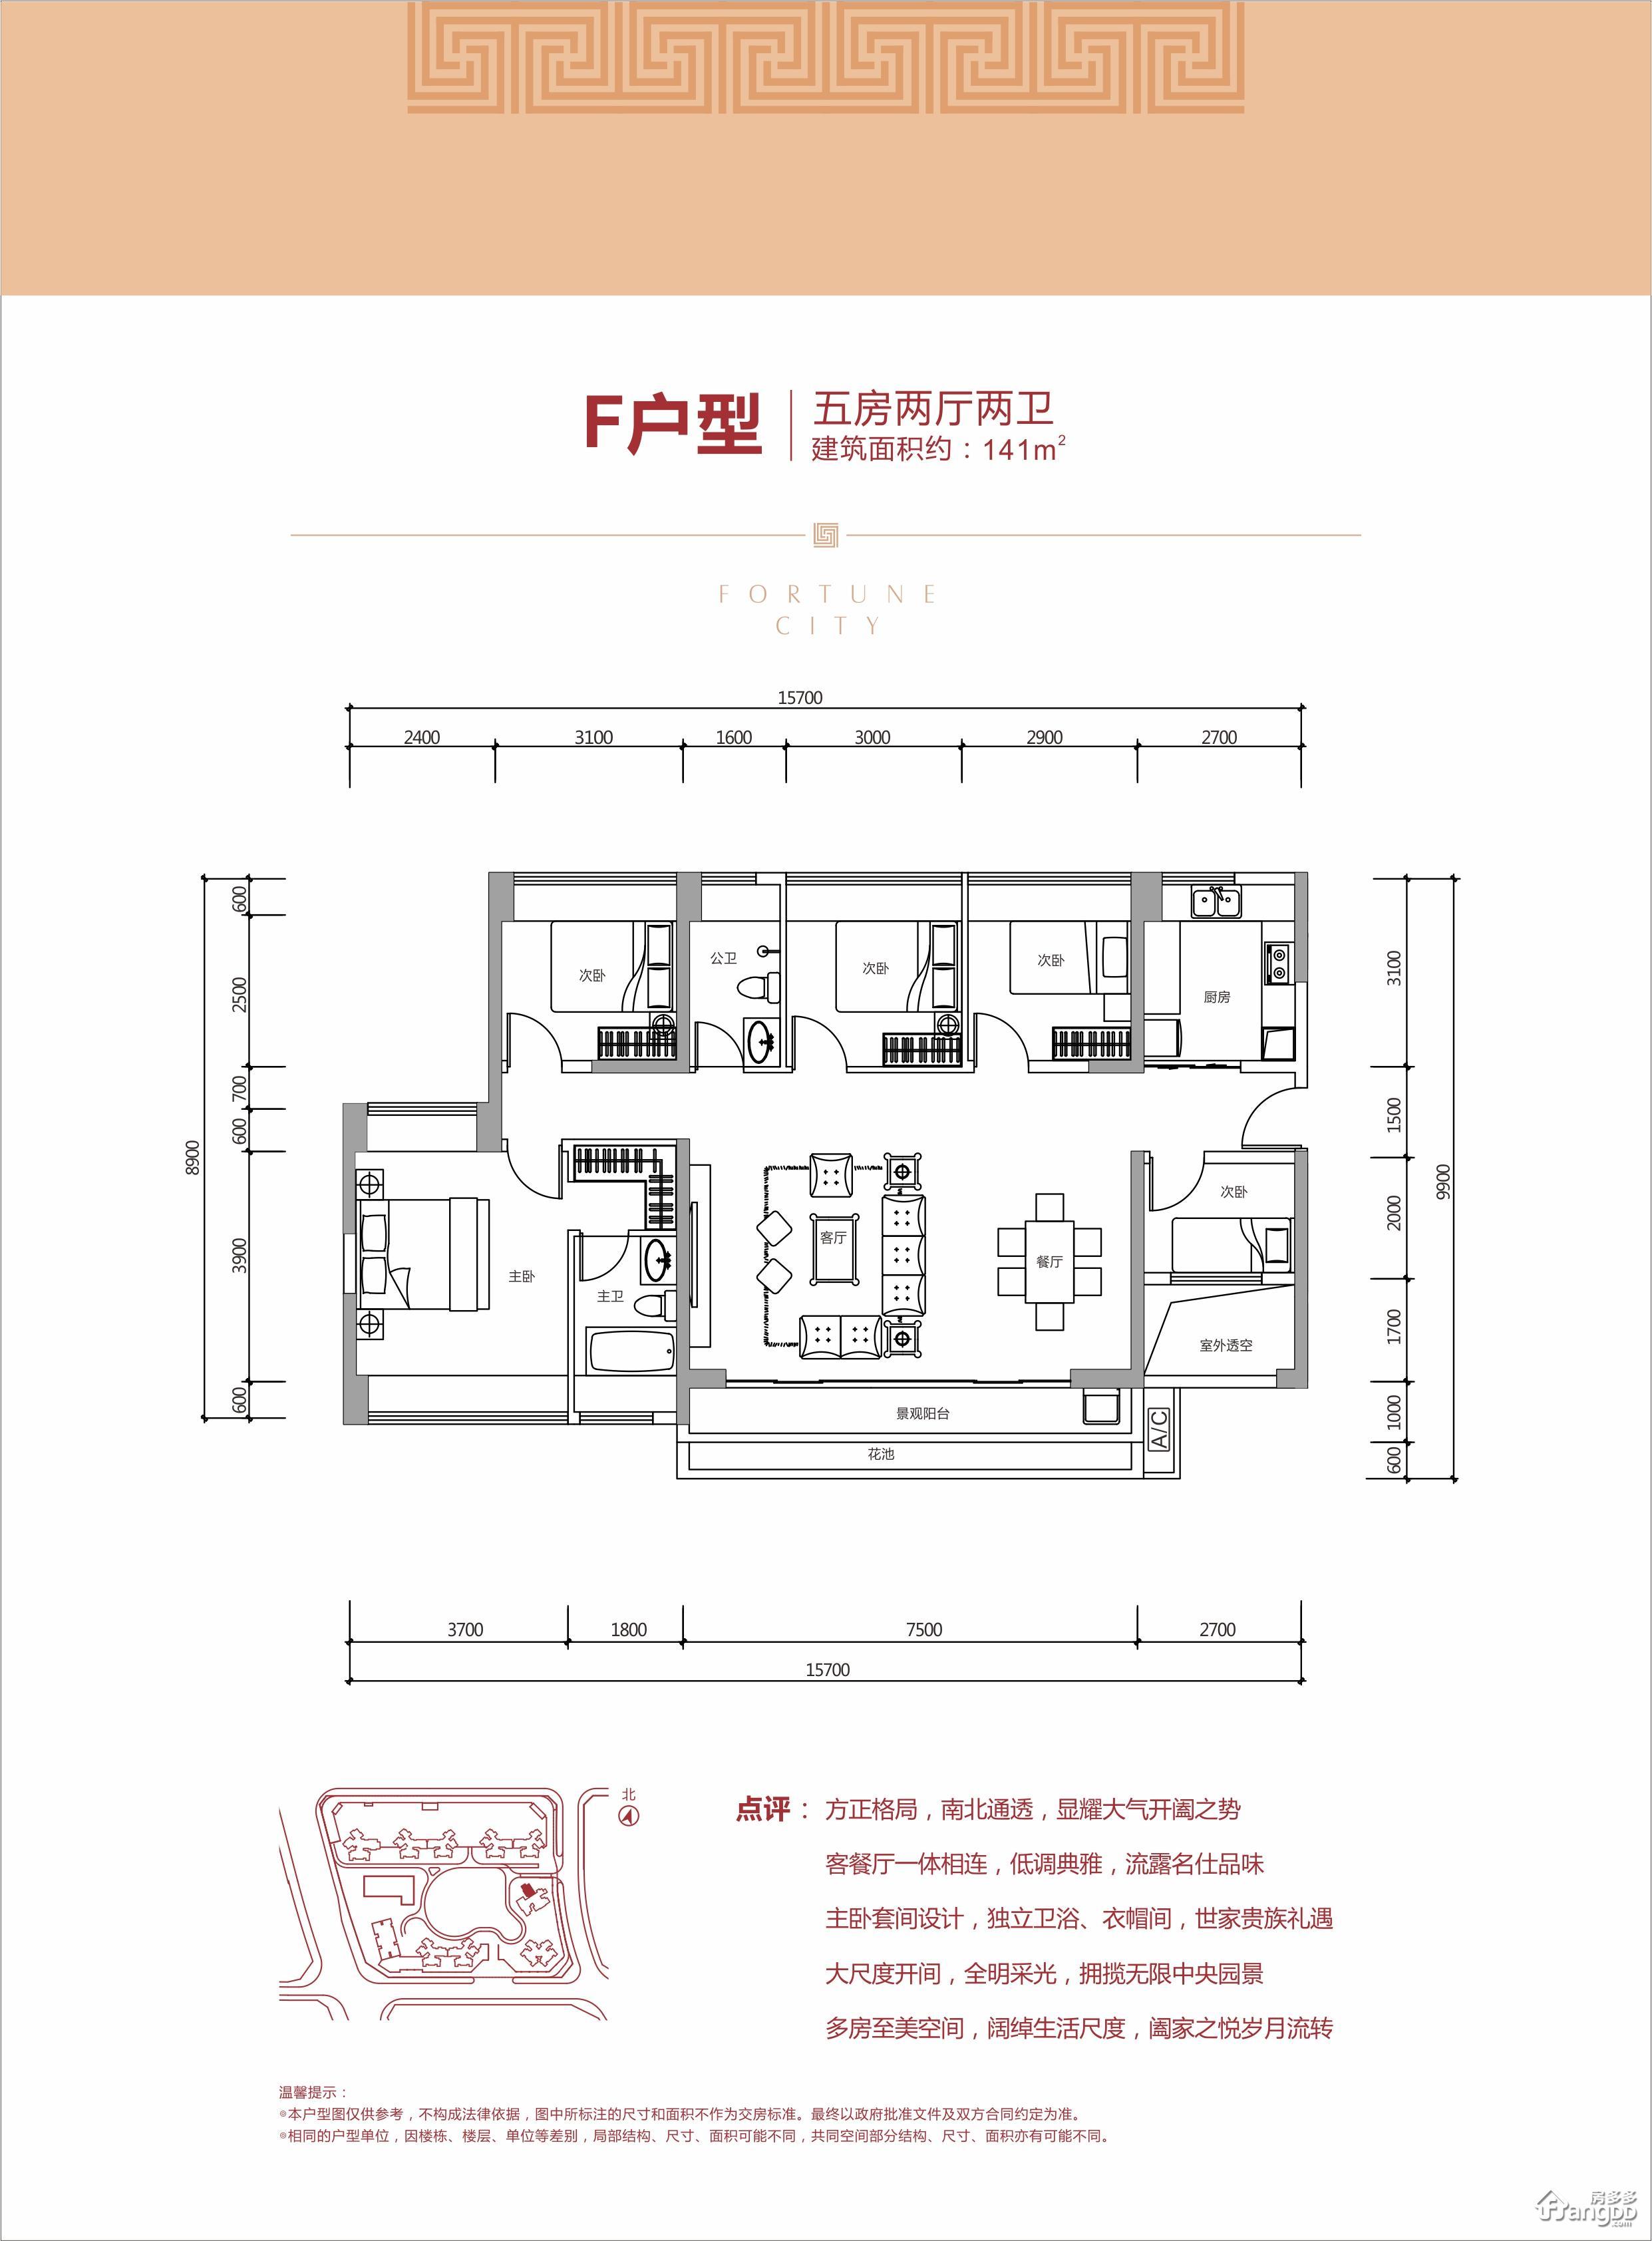 财富城5室2厅2卫户型图